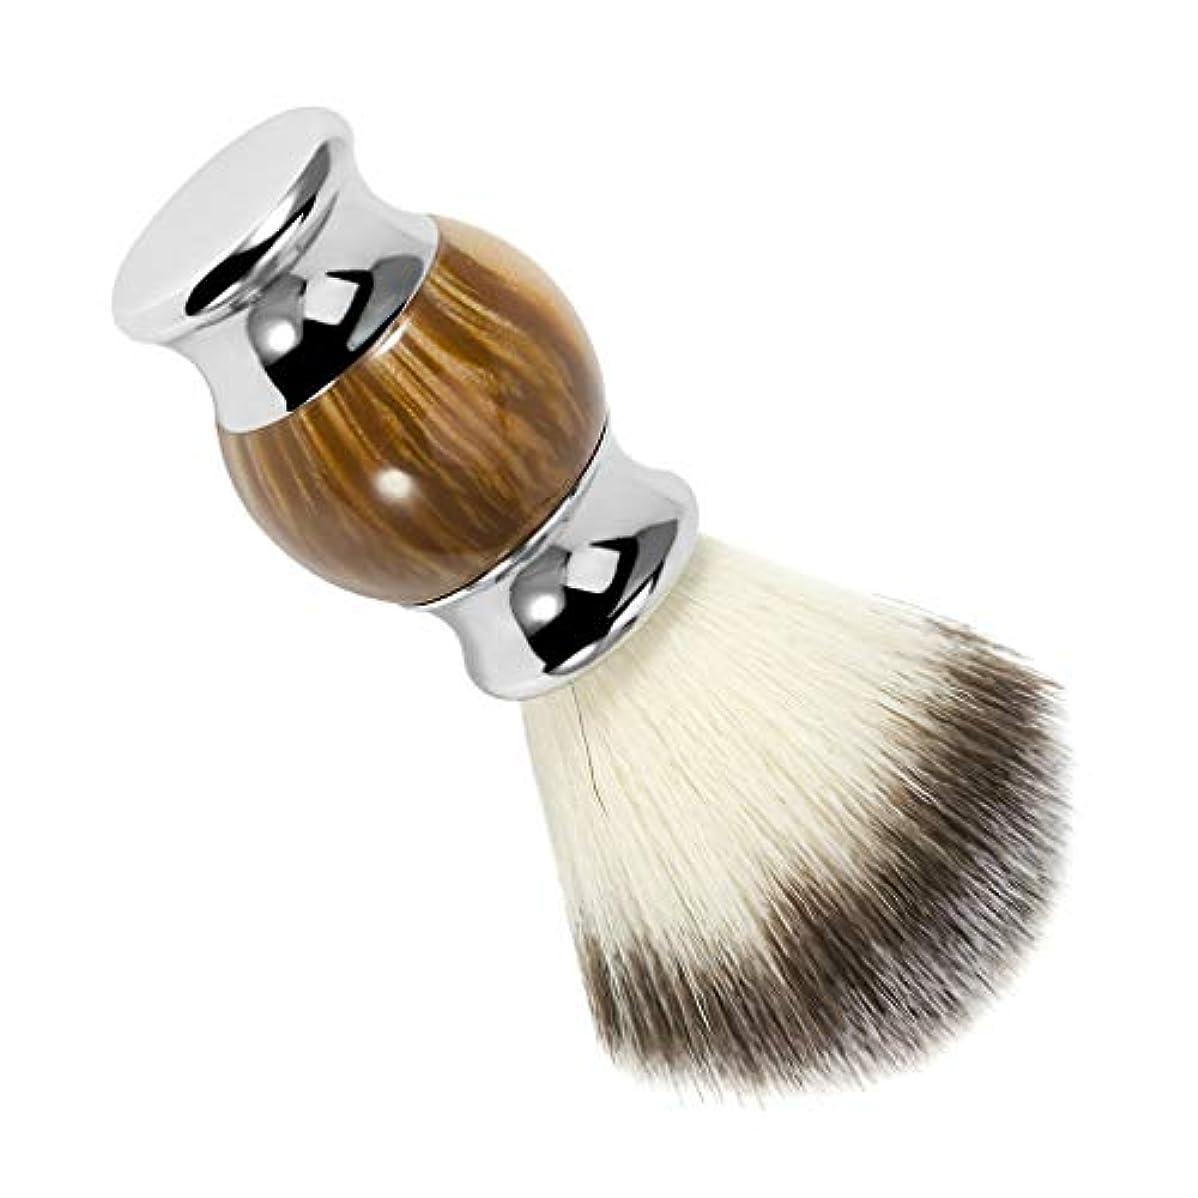 地下なだめる薬用P Prettyia シェービングブラシ 理髪ブラシ 剃毛ブラシ 口ひげブラシ 樹脂ハンドル 理髪サロン